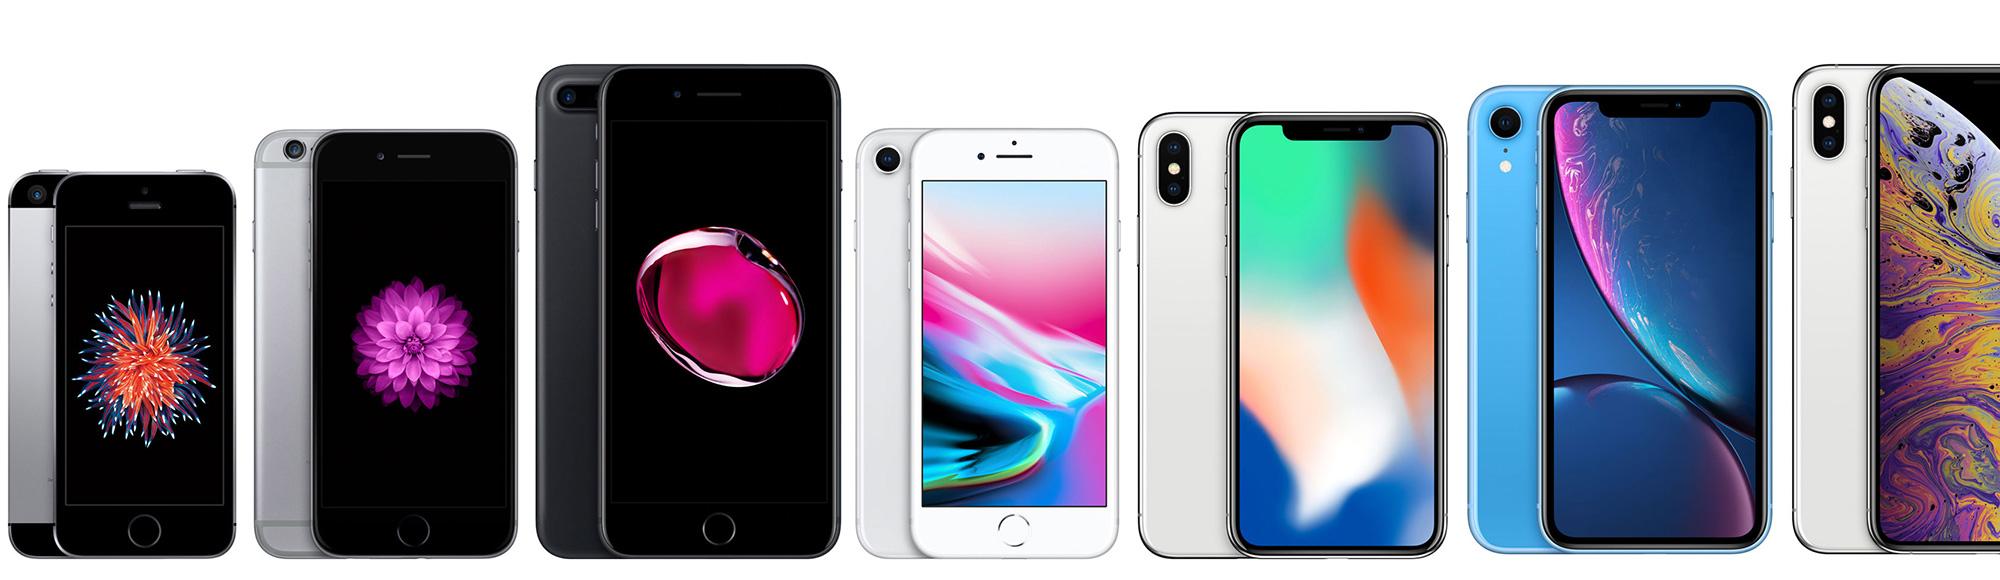 Milline iPhone sobib just Sulle?